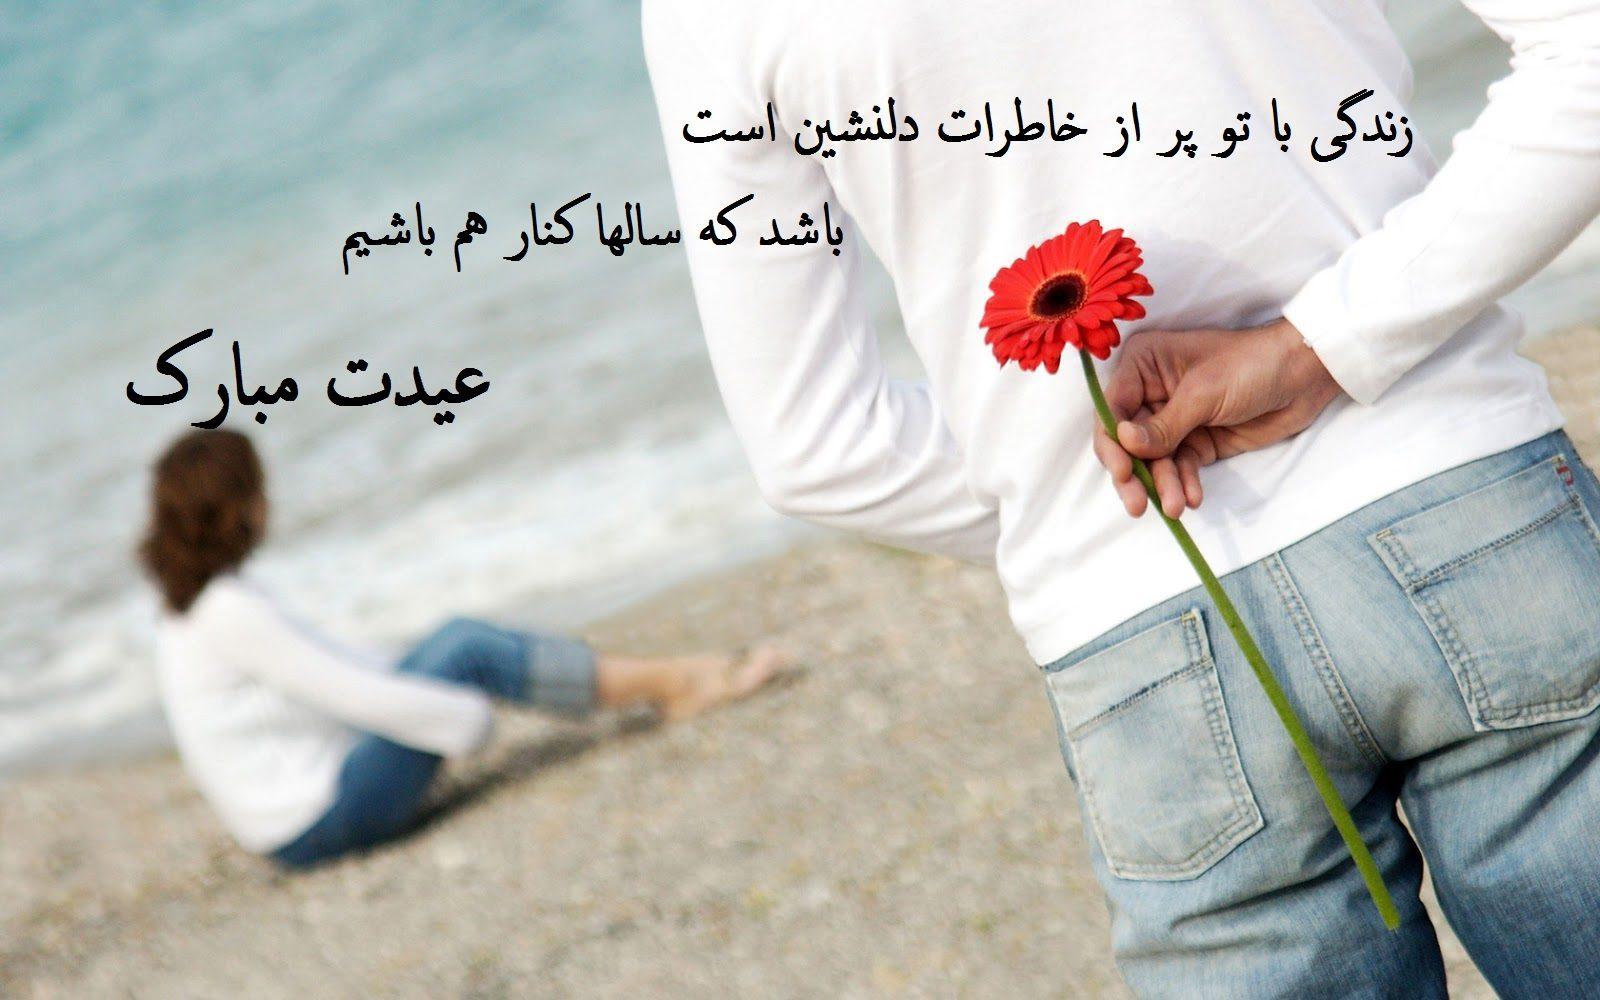 عکس نوشته عاشقانه برای تبریک عید نوروز 1400 به همسر